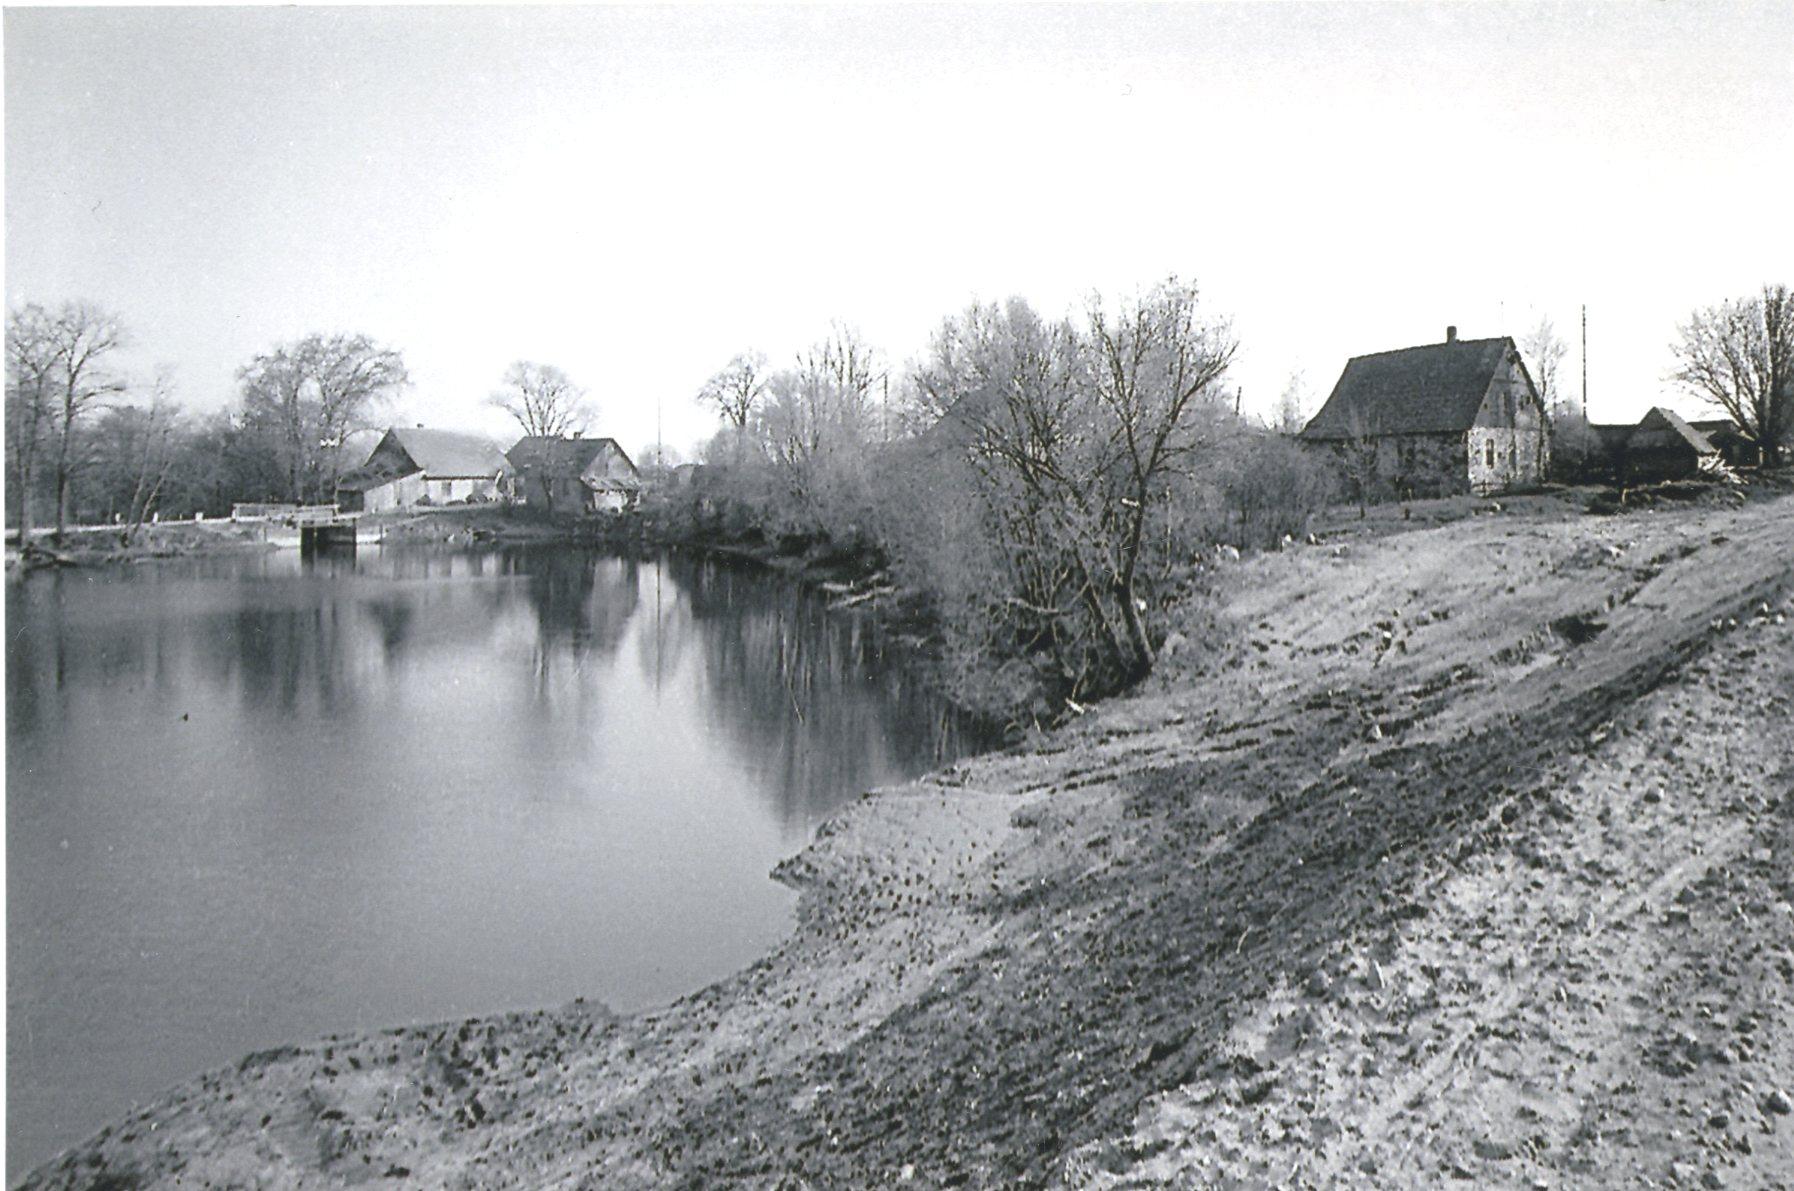 Skats pāri dzirnavu ezeram. 20. gs. 60. gadi. K. Kalsera arh